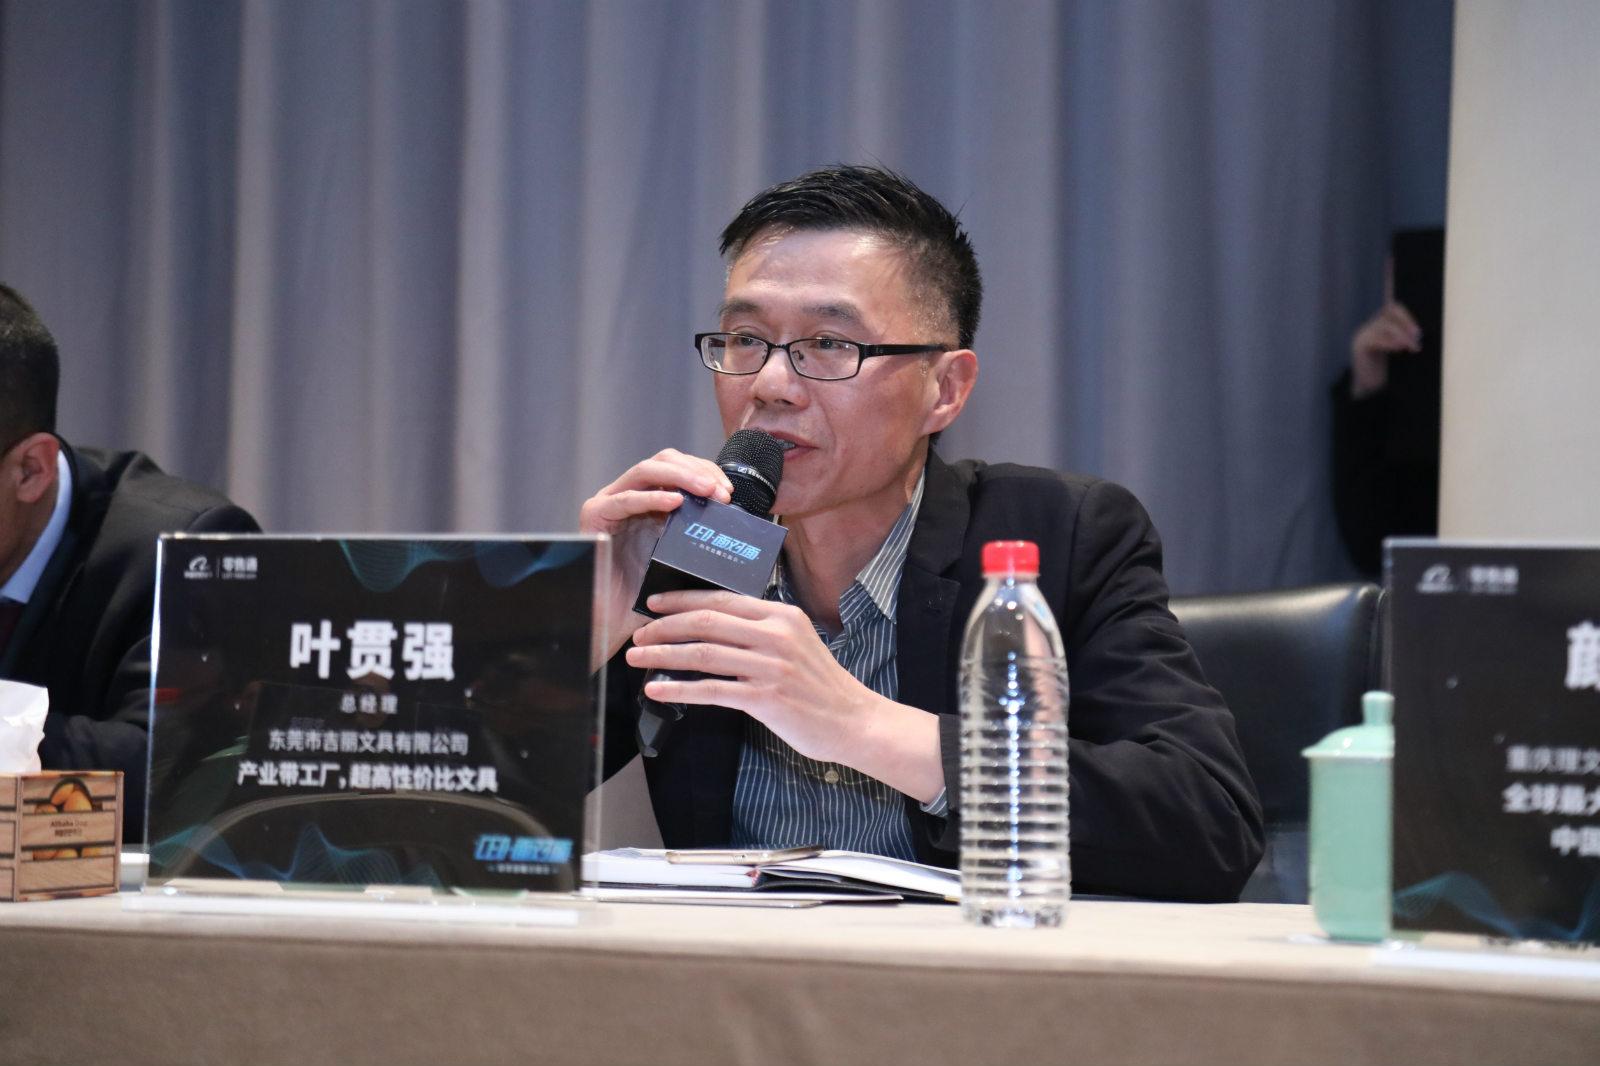 现场商家CEO希望借此机遇,拥抱大数据时代_meitu_9